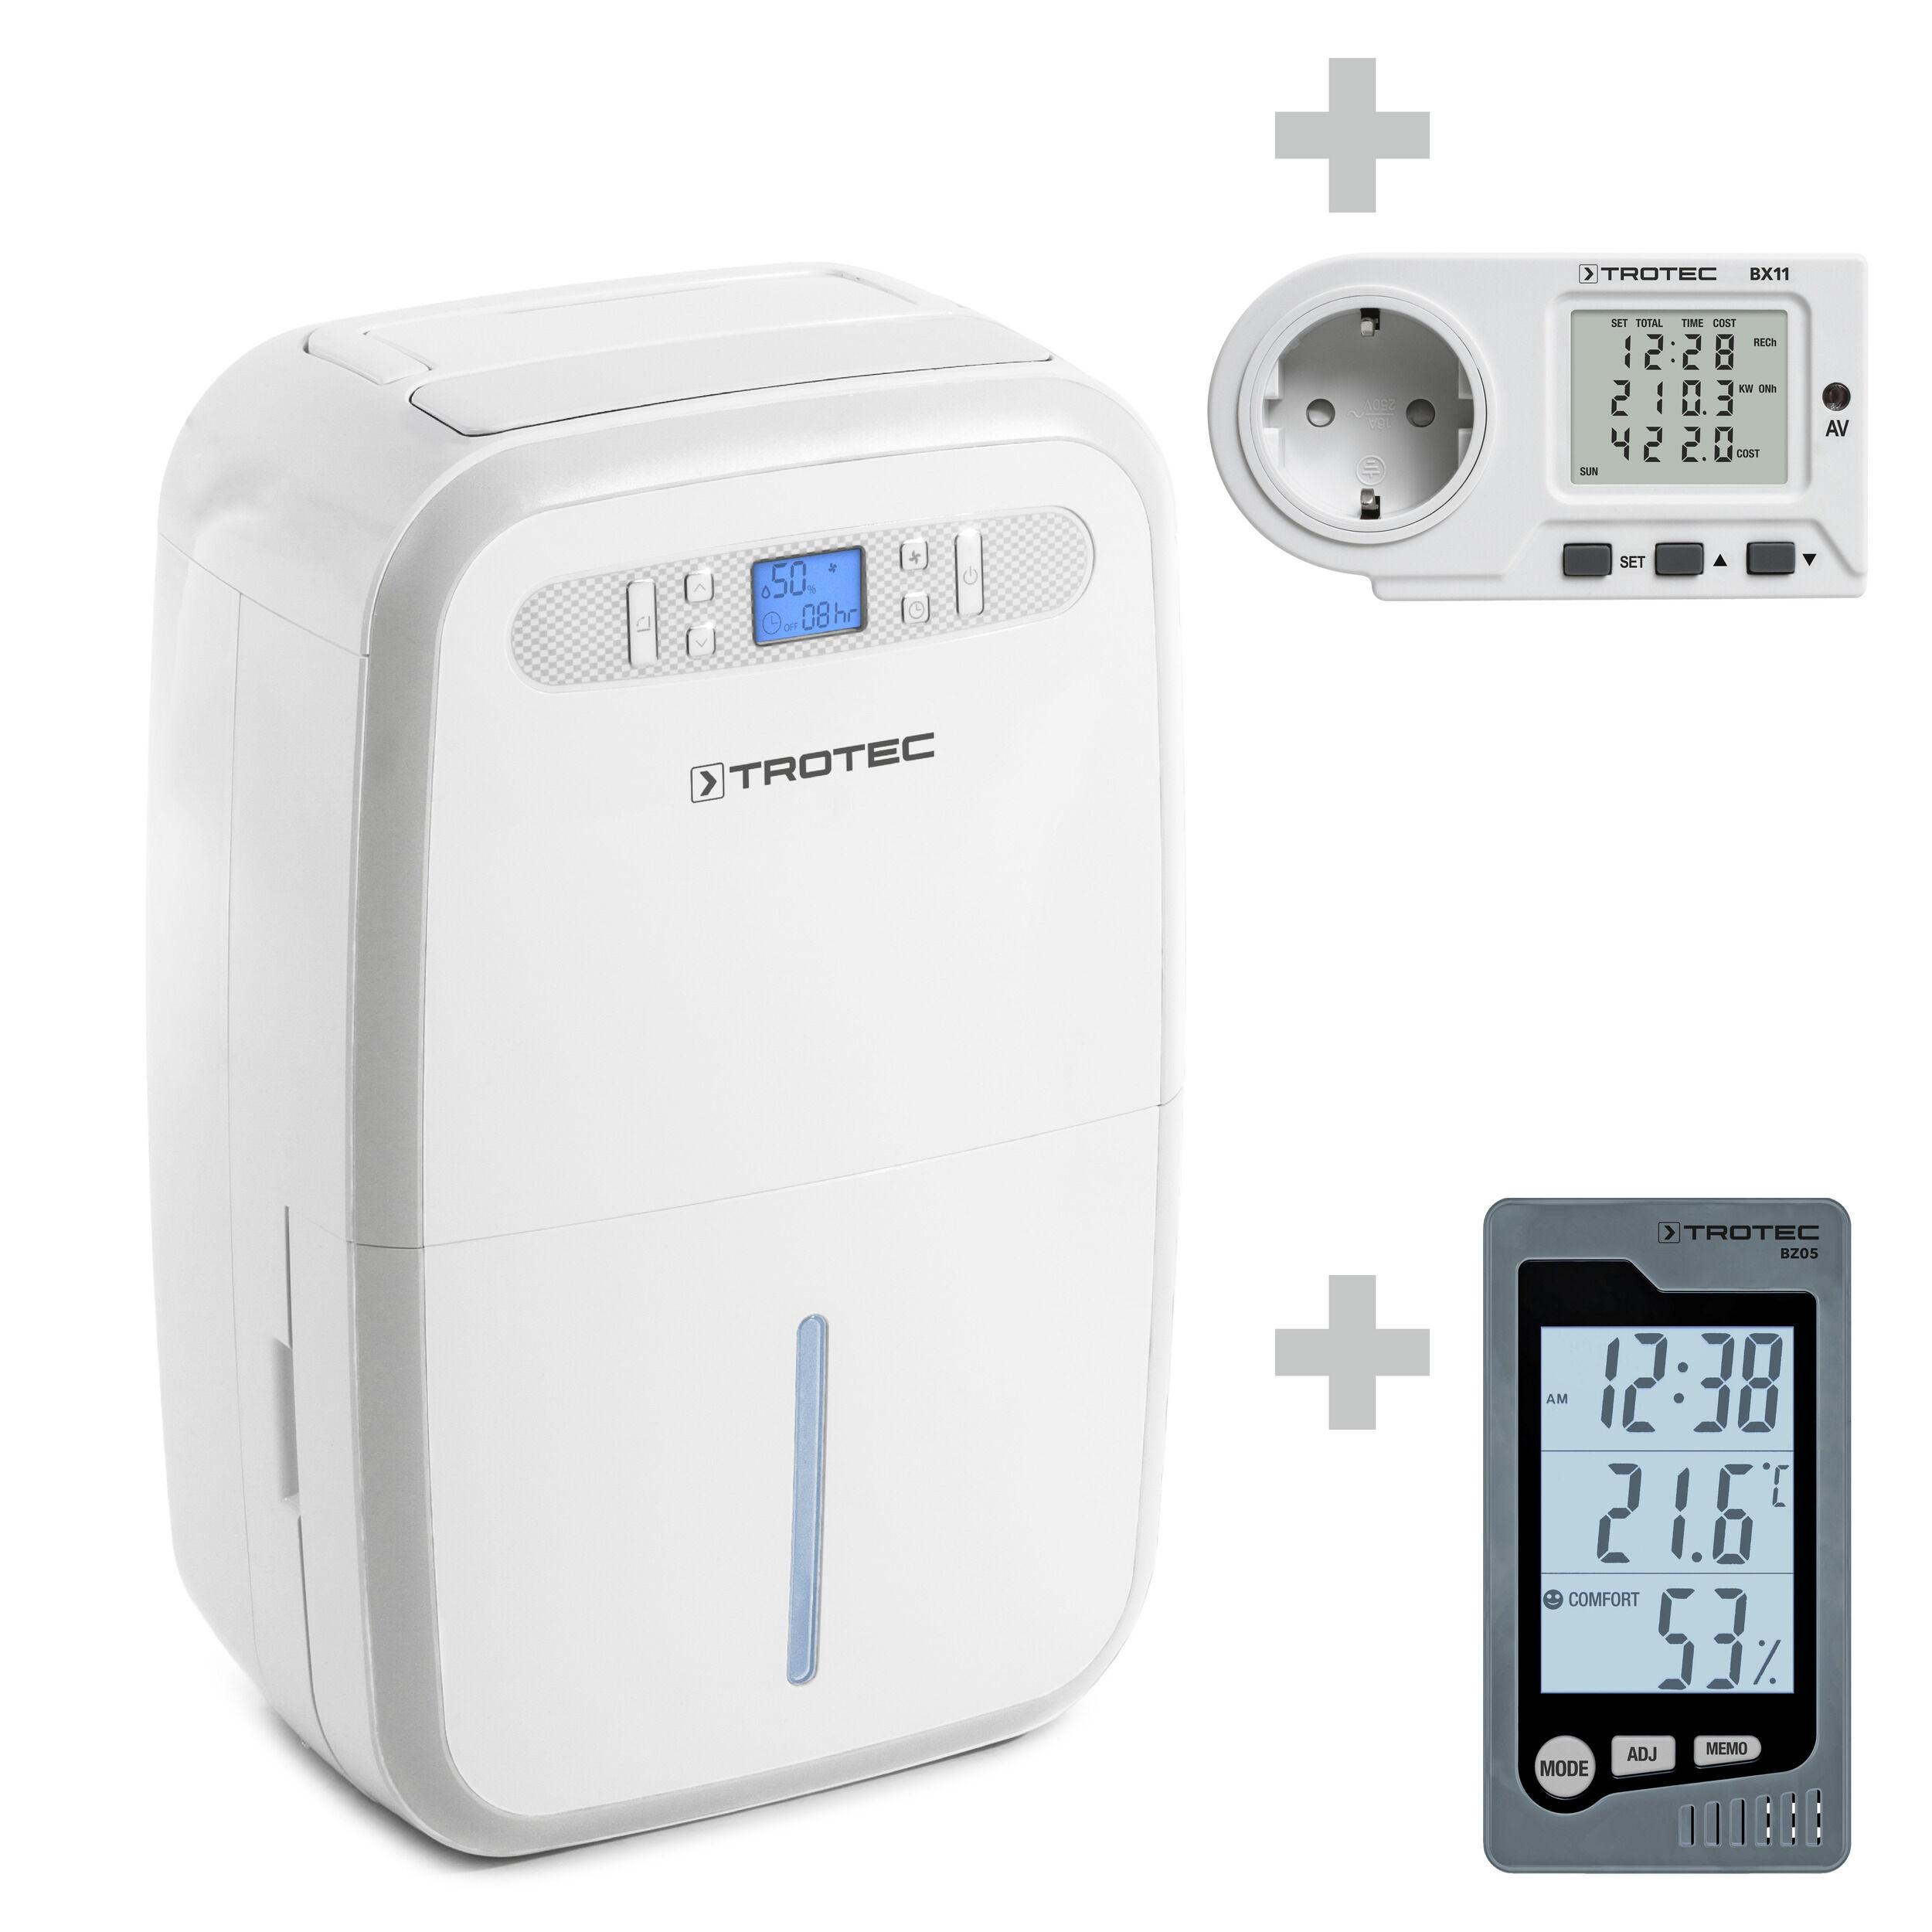 trotec deumidificatore ttk 95 e + termoigrometro bz05 + misuratore dei costi energetici bx11